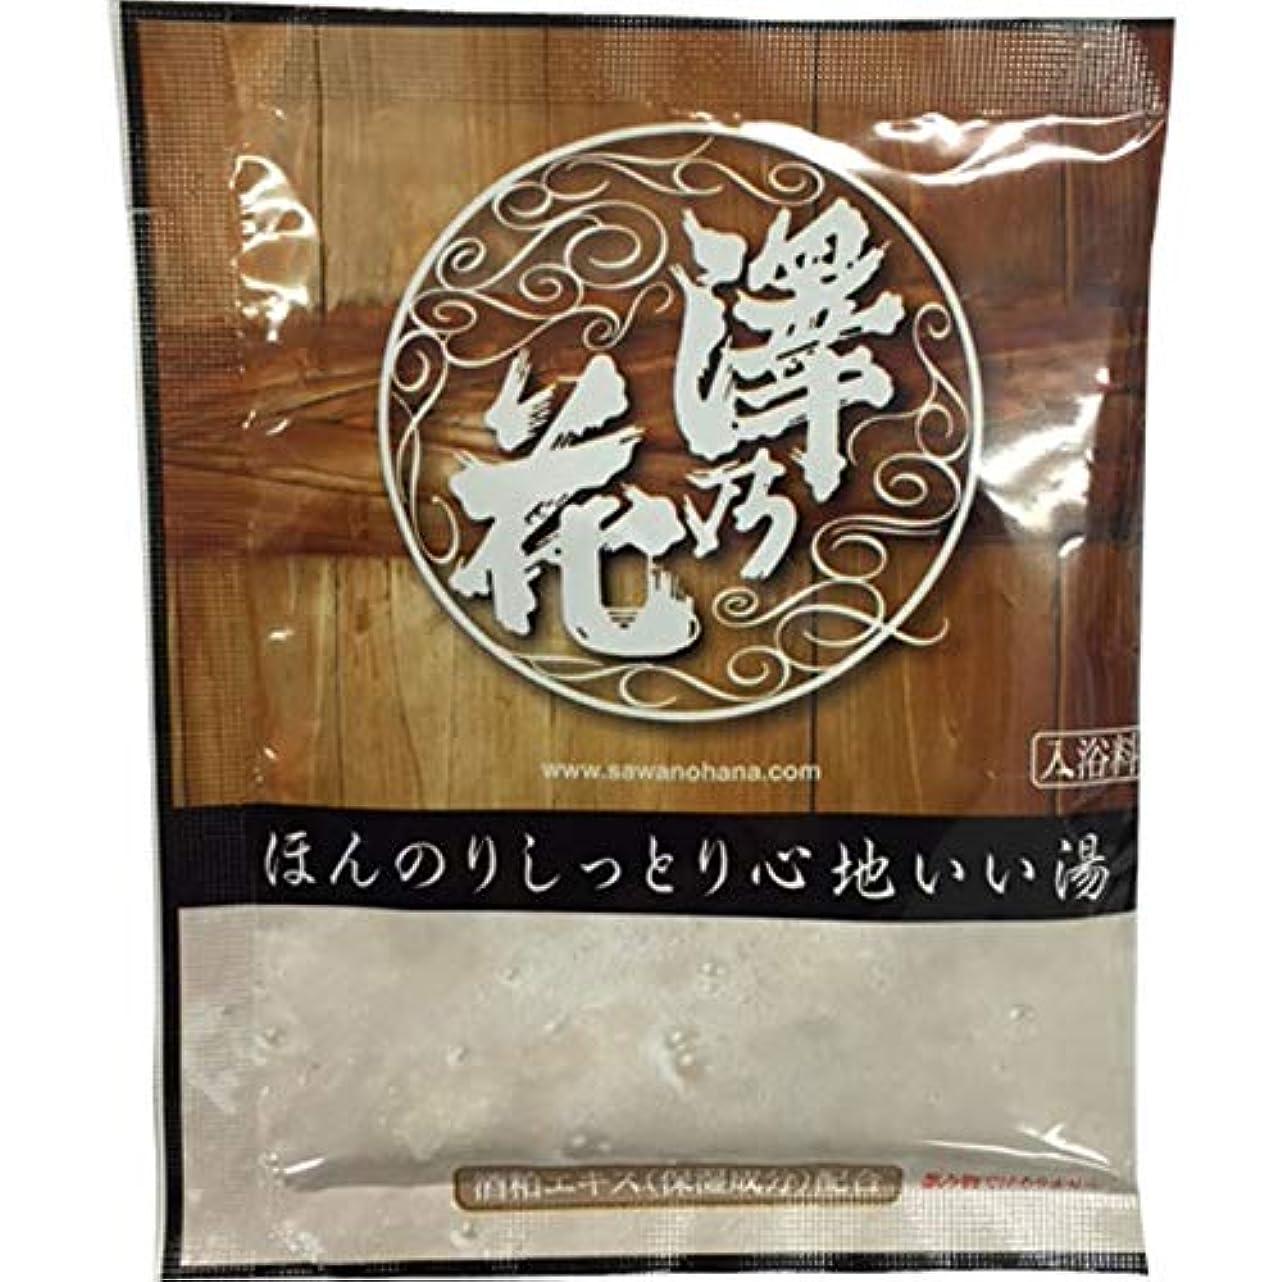 バトル咳請願者日本生化学 澤乃花 酒粕入浴料 25G